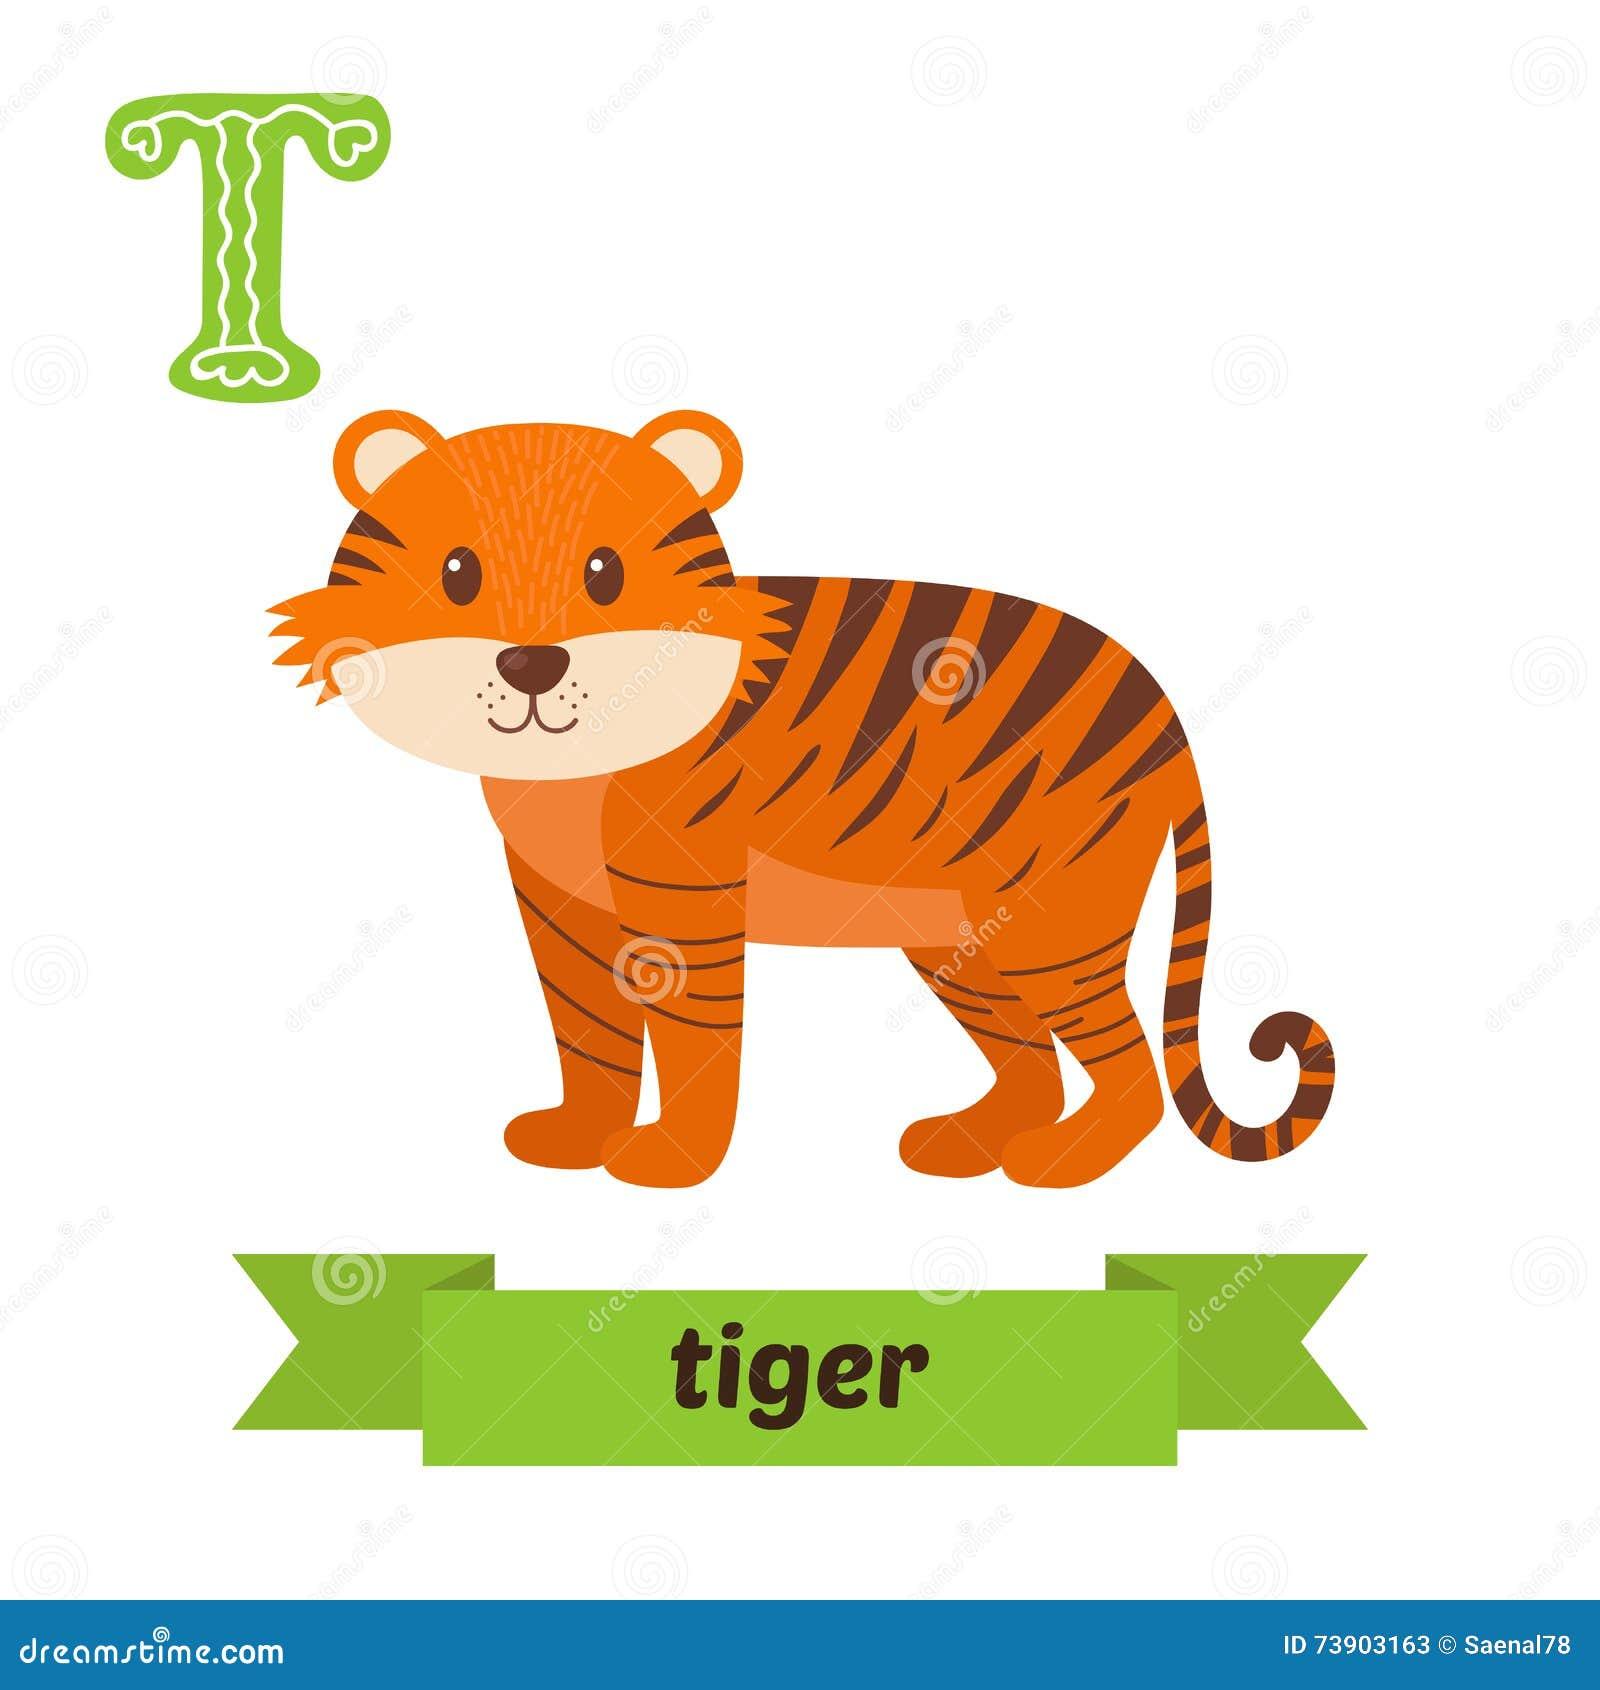 Alphabet J R Tiger Cartoon Vector